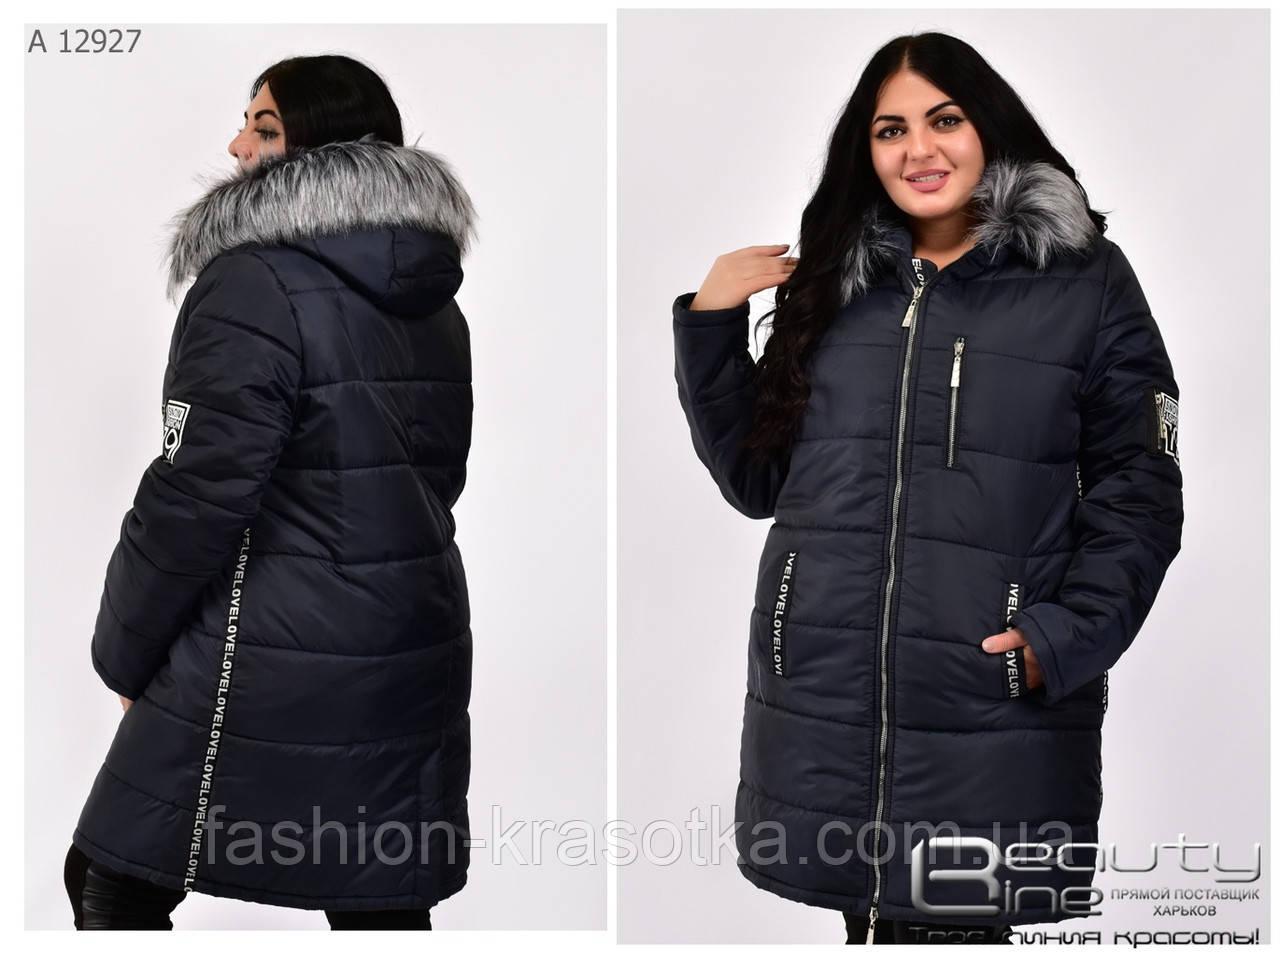 Модна жіноча зимова куртка